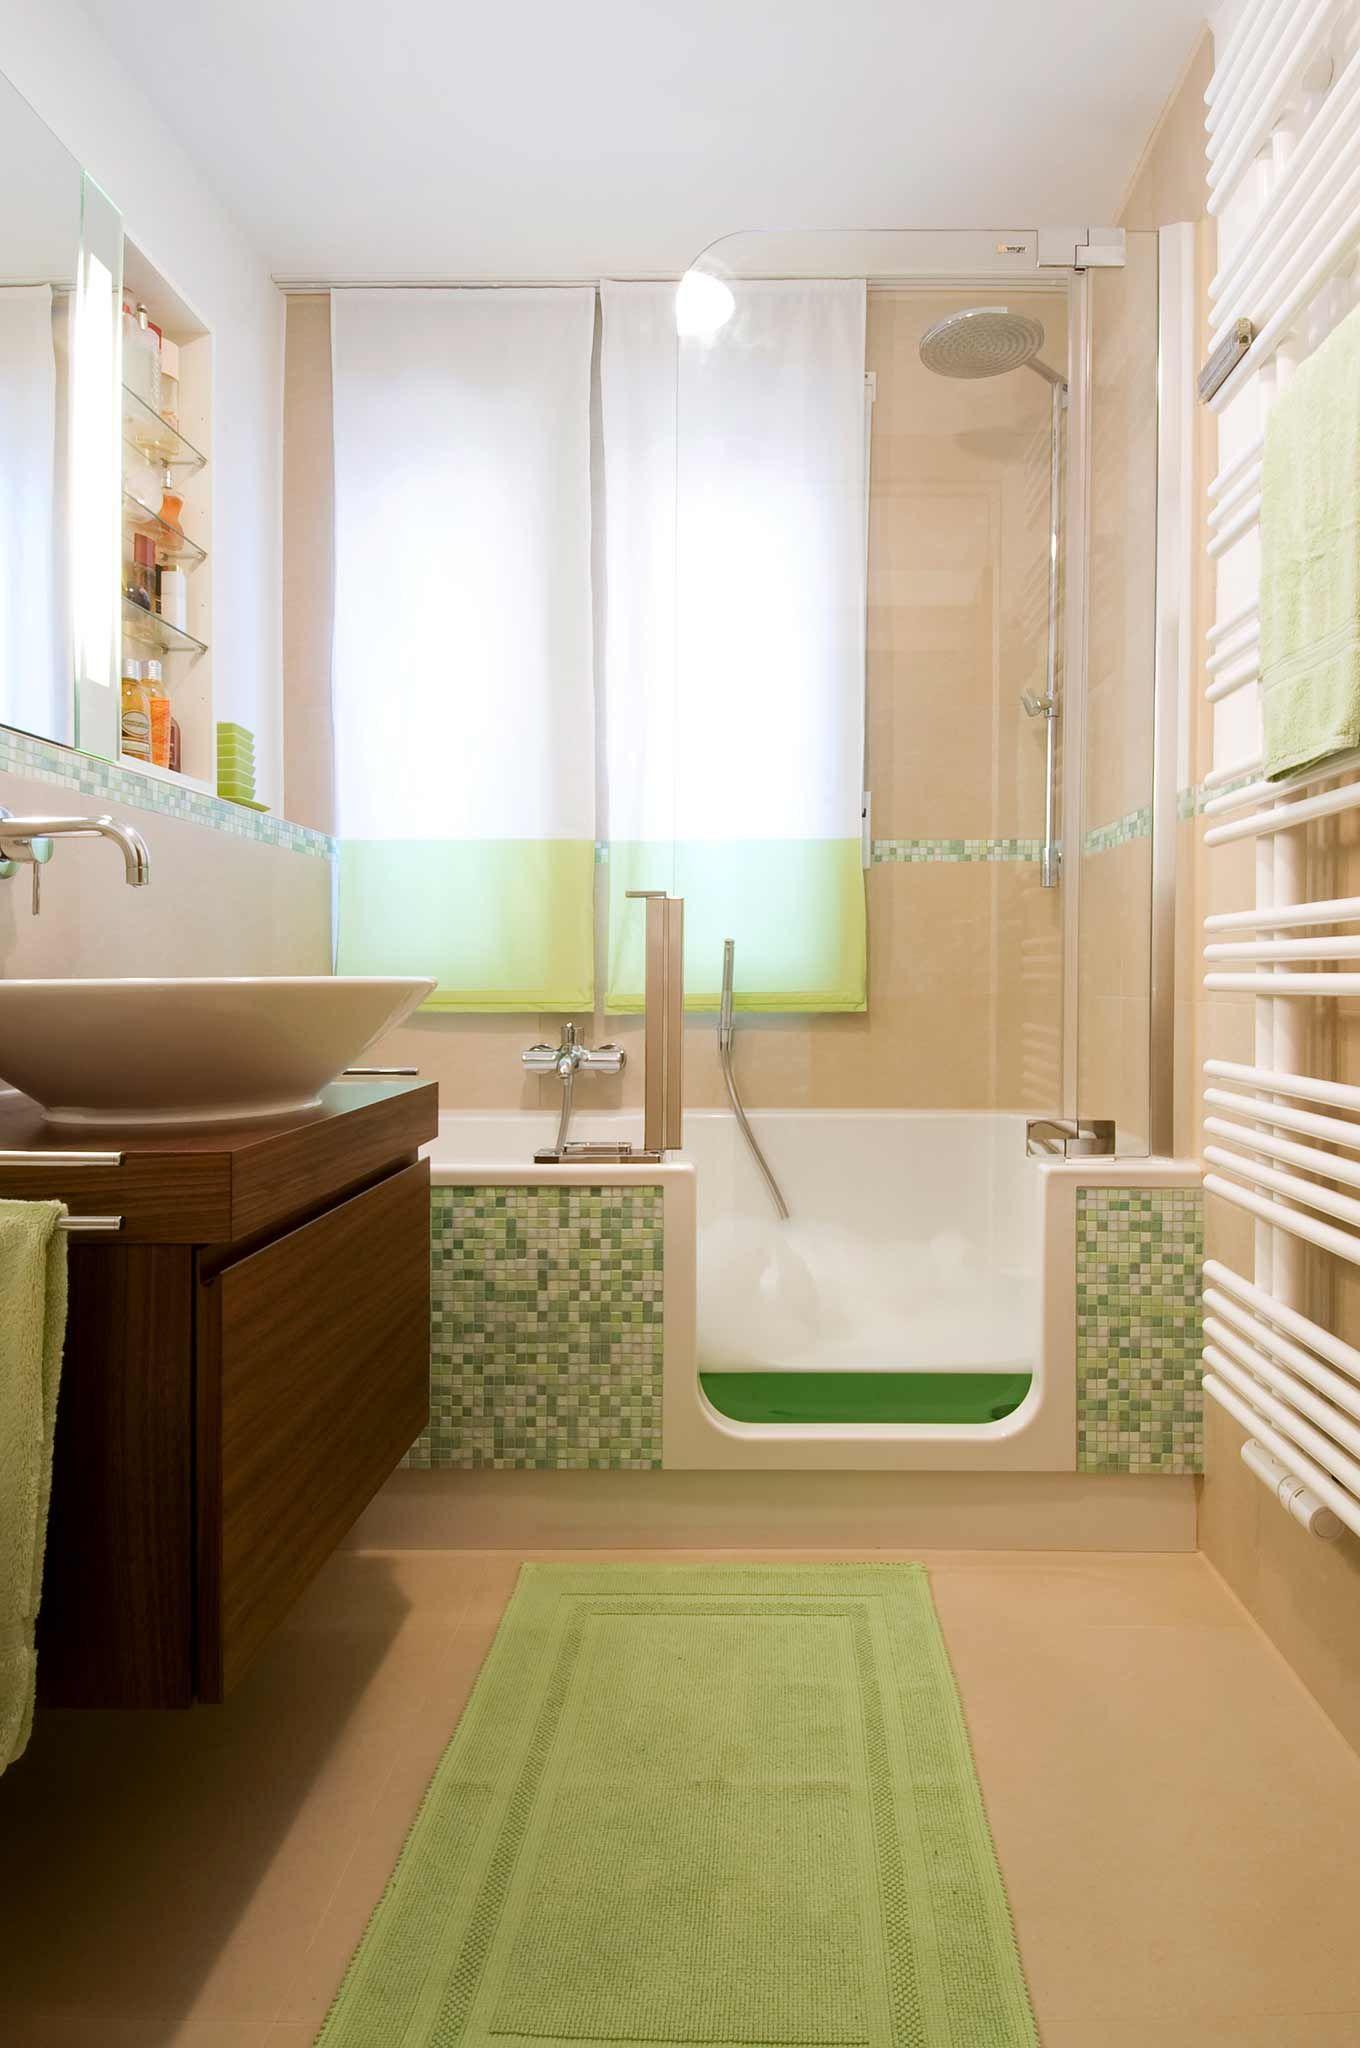 Blick ins Badezimmer, Badewanne mit hoher Glastür, die bis zur ...